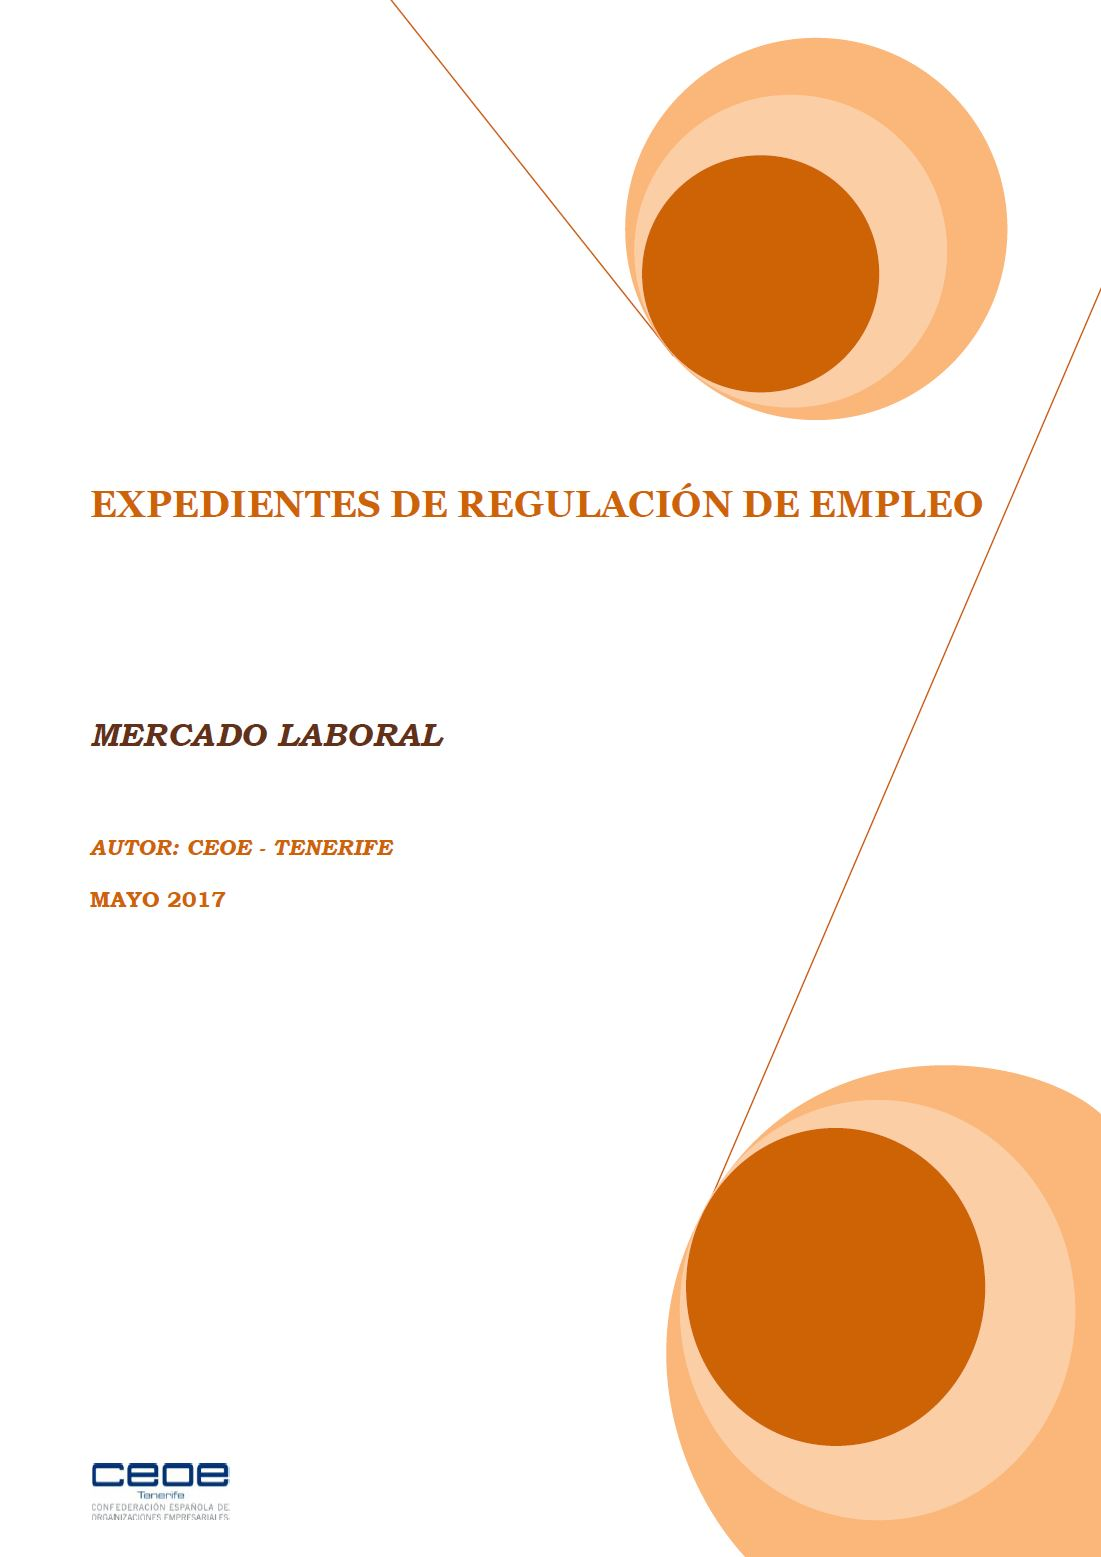 Mayo Mercado Laboral